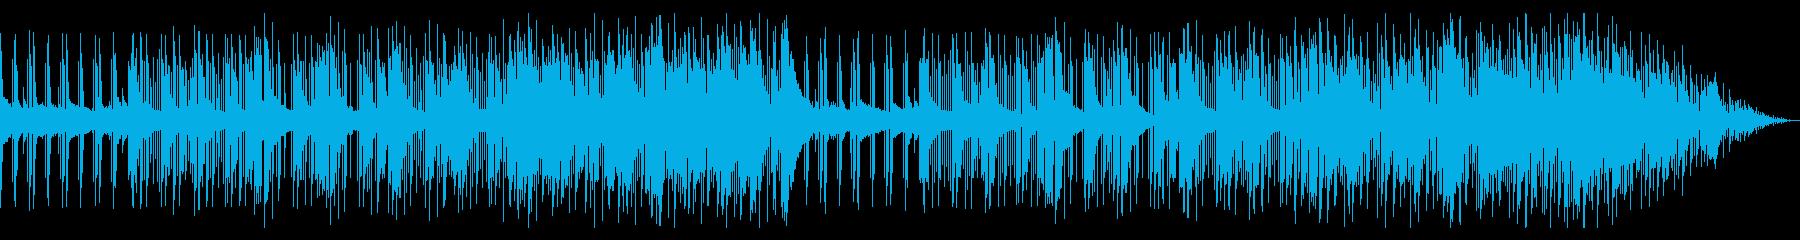 寂しげ/ギター生演奏/R&B_No504の再生済みの波形